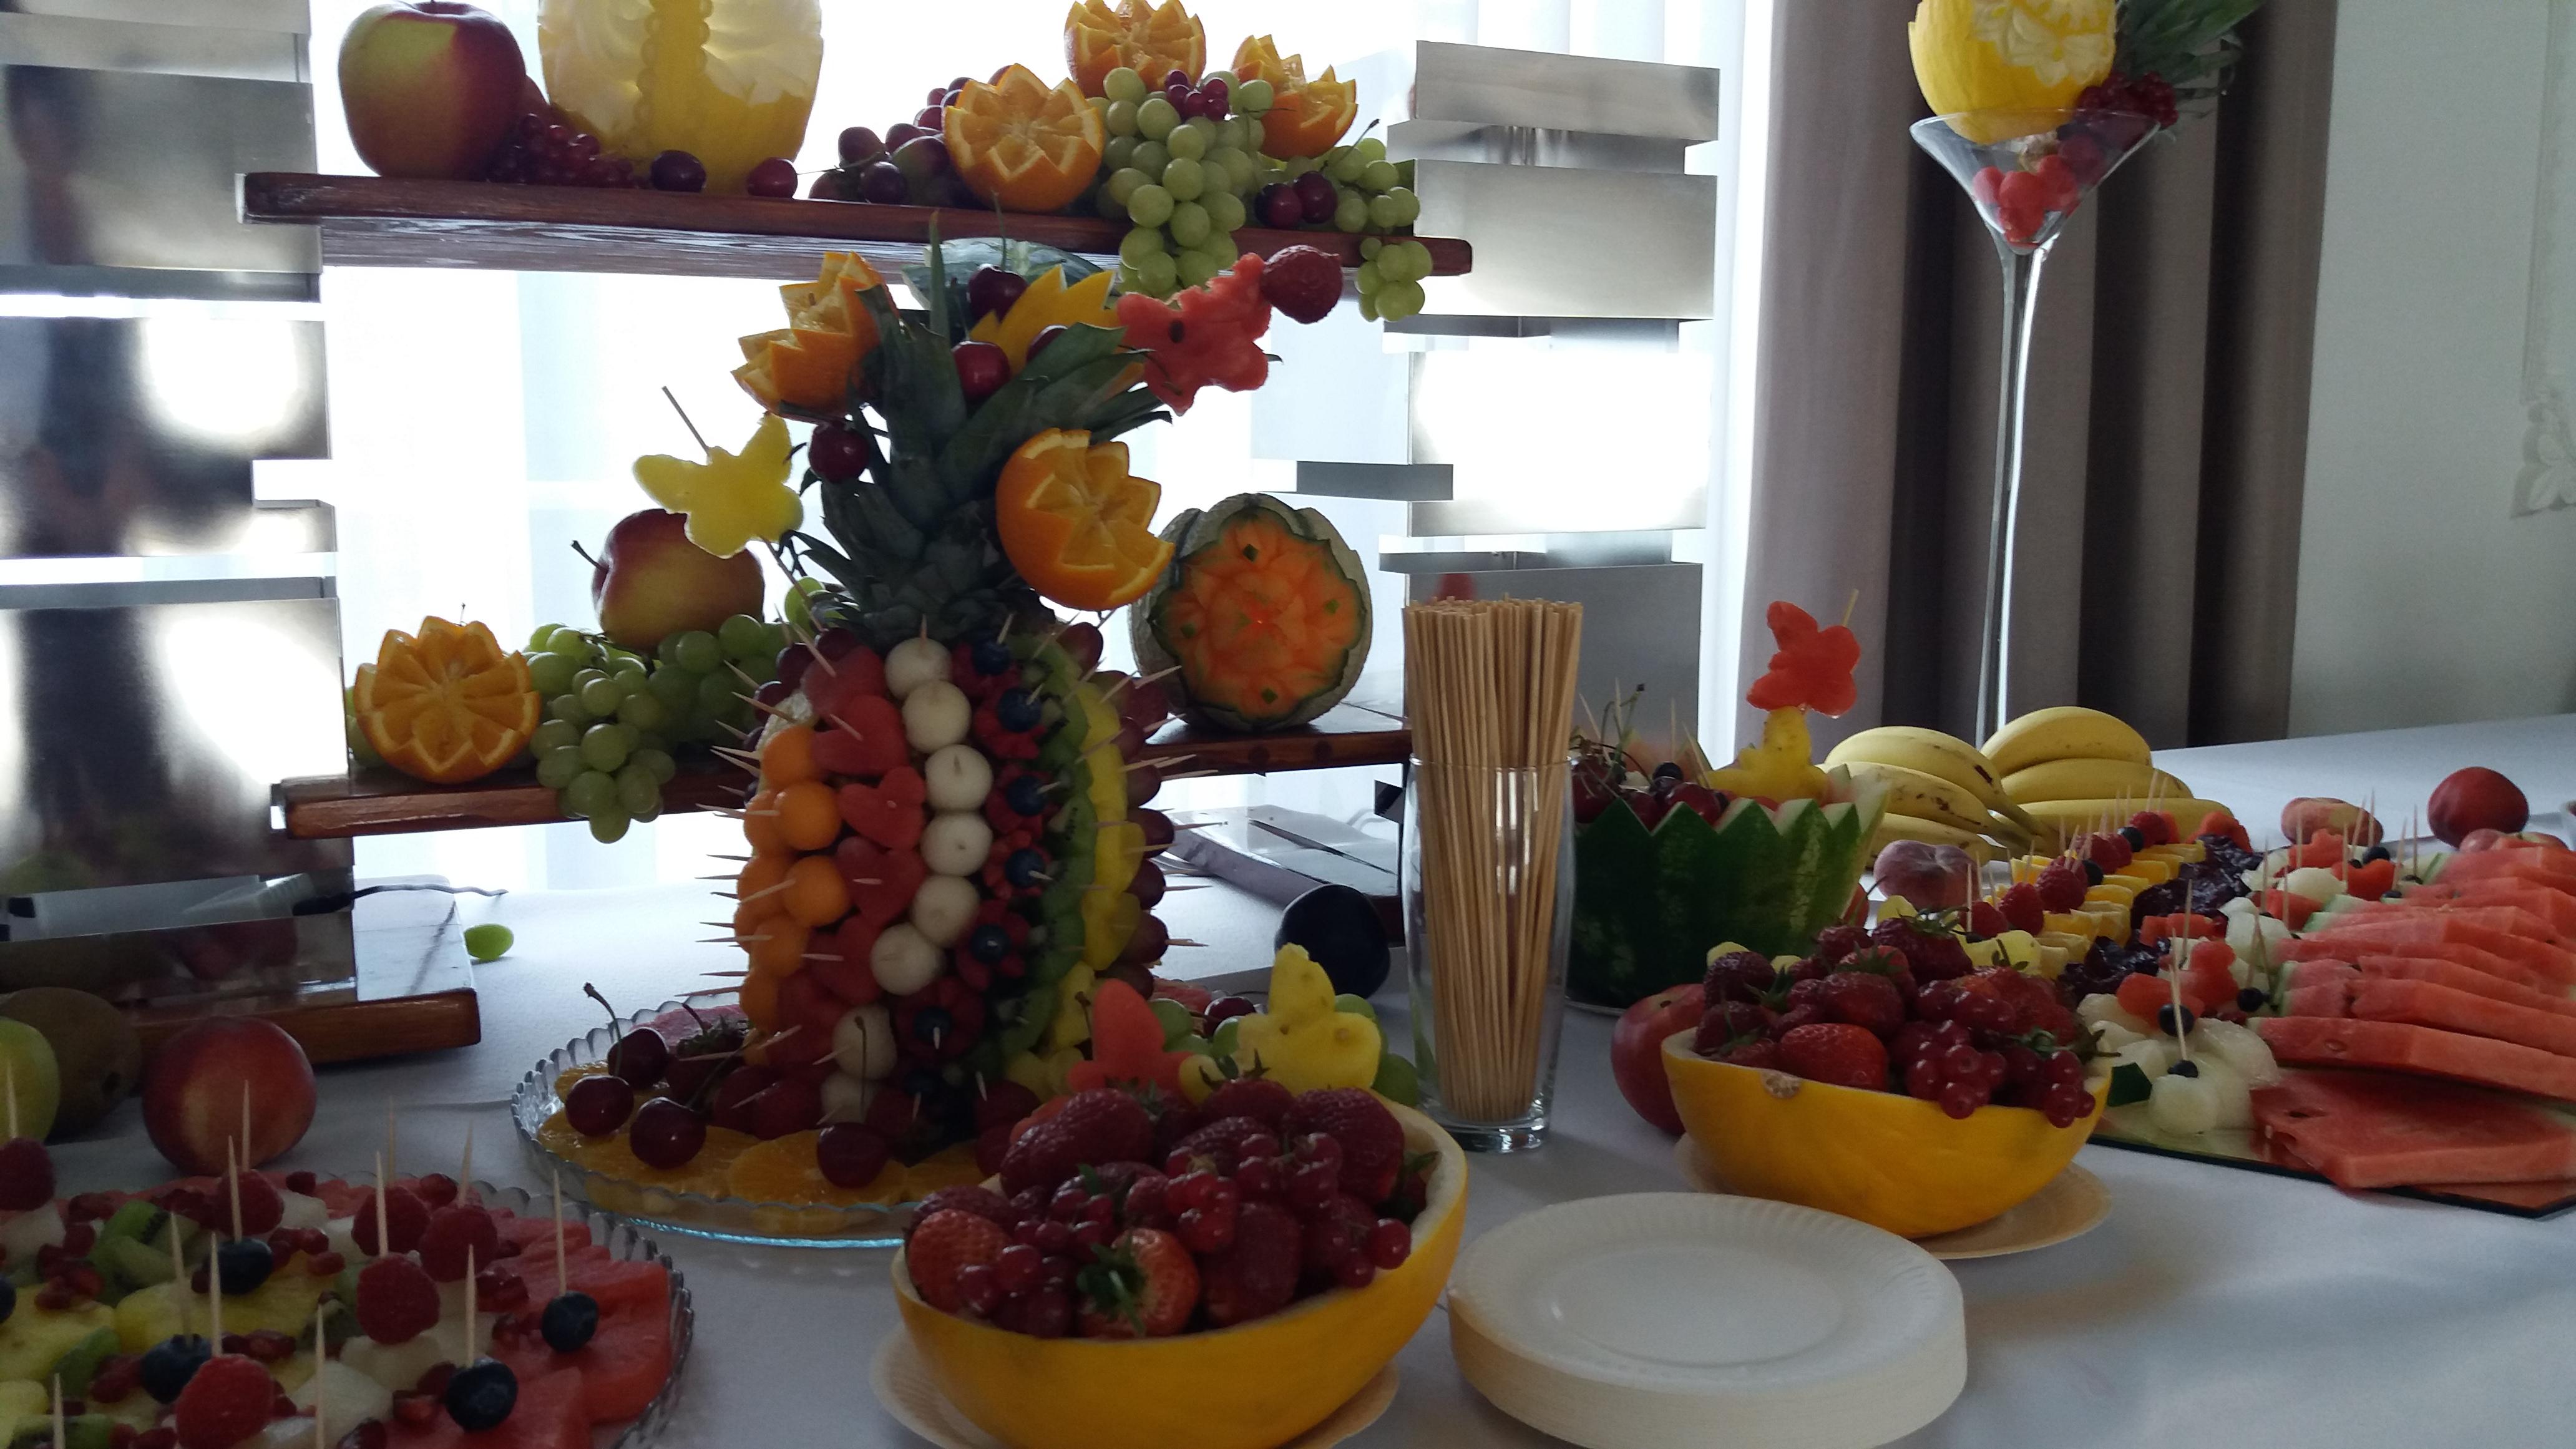 owoce na wesele, bufet owocowy Zajazd Staropolski, stół z owocami, dekoracje owocowe, fruit carving, fruits art, food art,